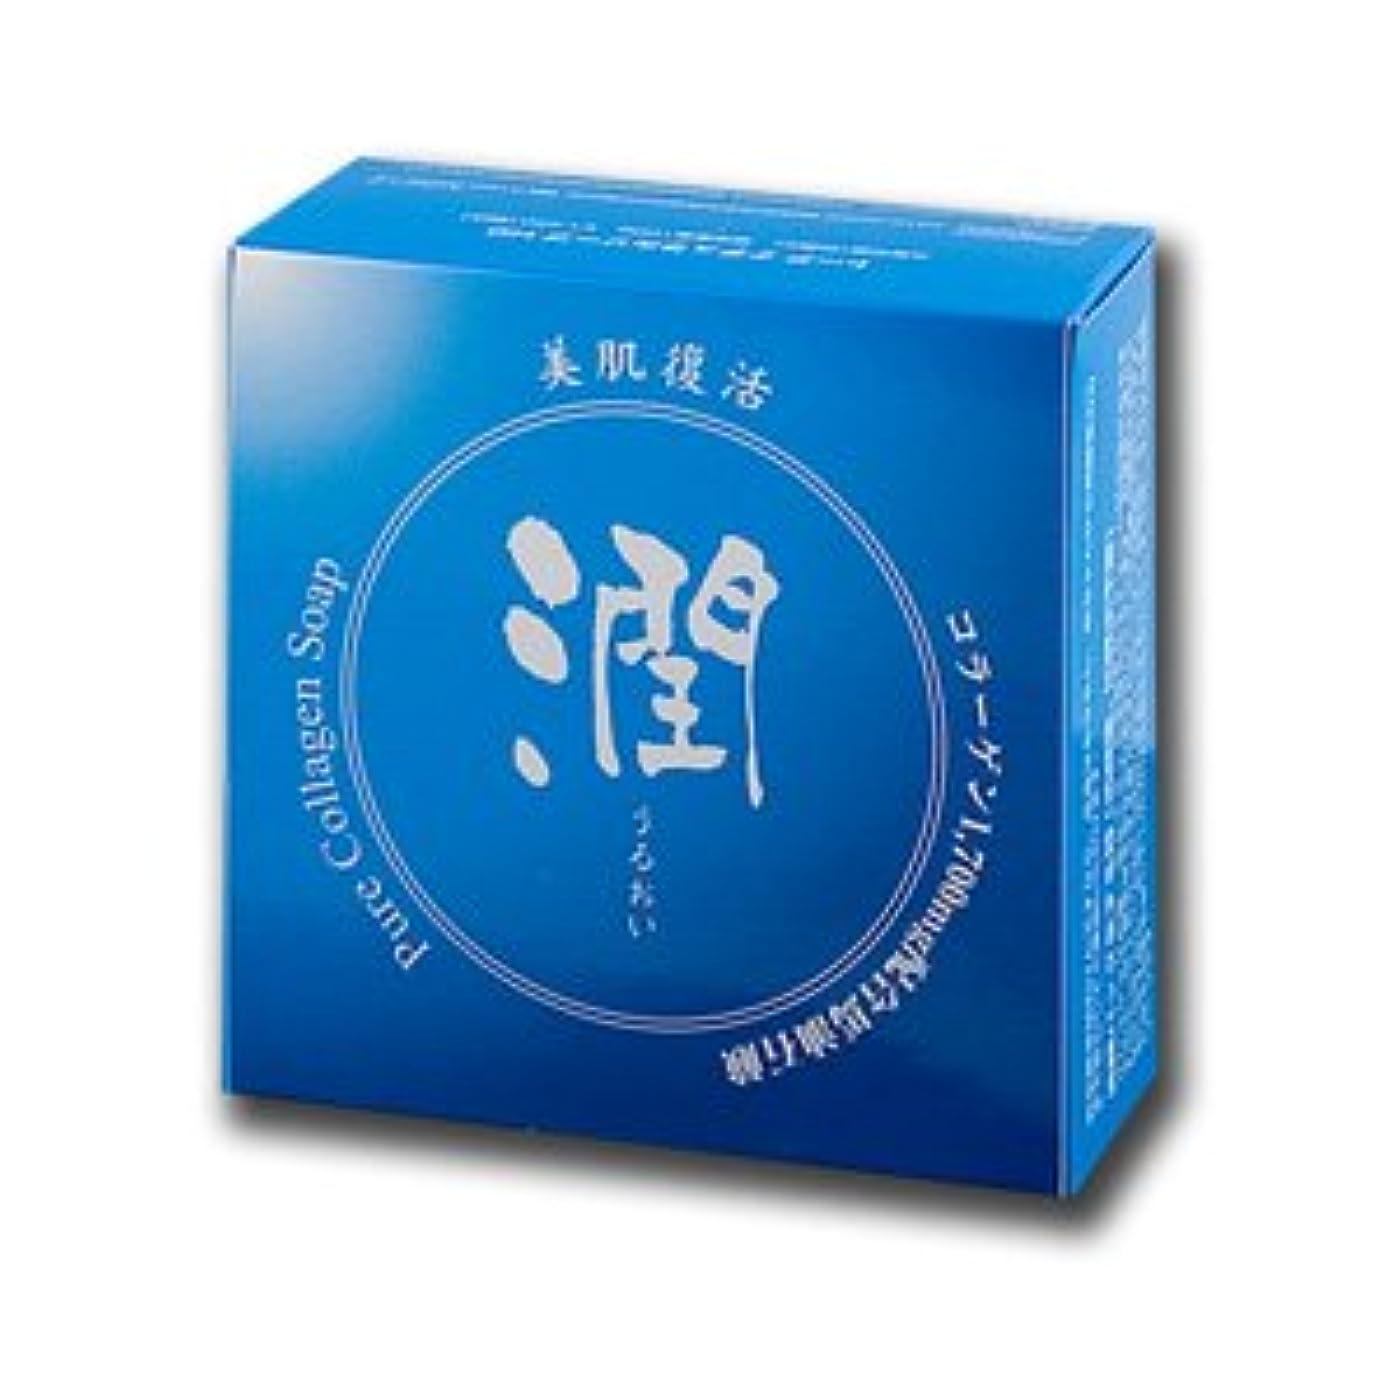 キャッチ所持ベースコラーゲン馬油石鹸 潤 100g (#800410) ×3個セット